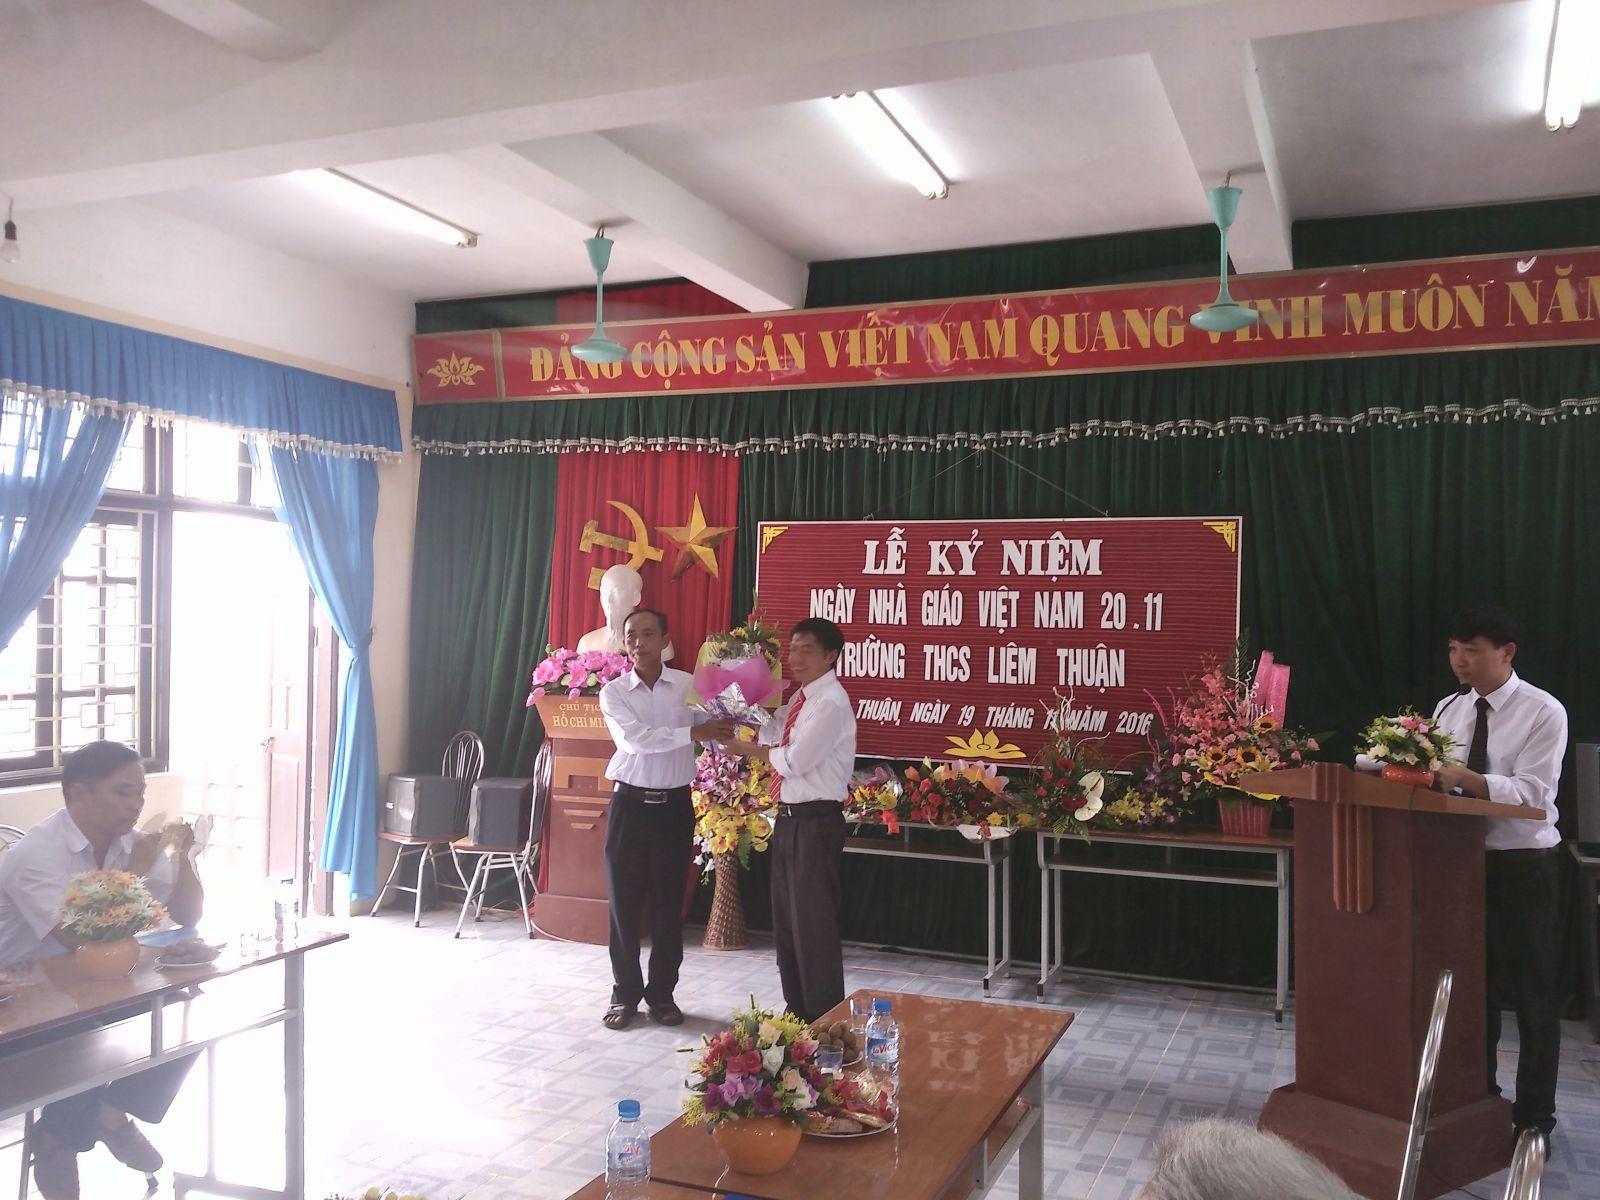 giám đốc HTX Nông nghiệp xã Liêm Thuận tặng hoa hội nghị